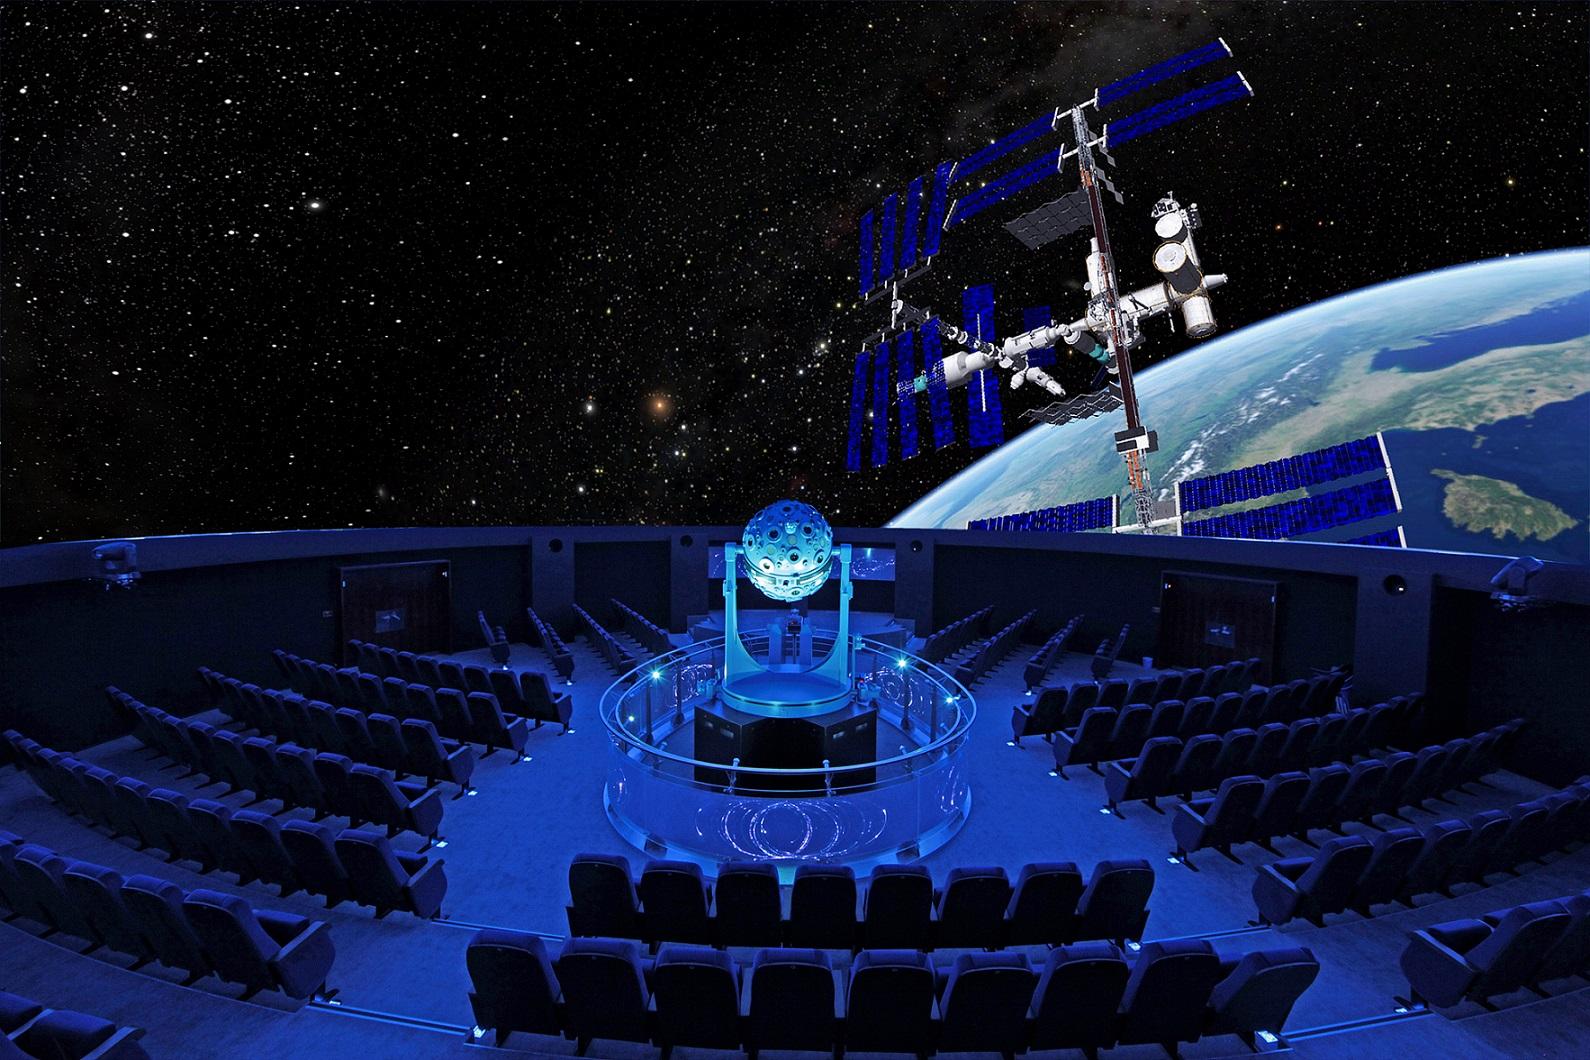 Das Zeiss Planetarium Bochum von innen: Die 360